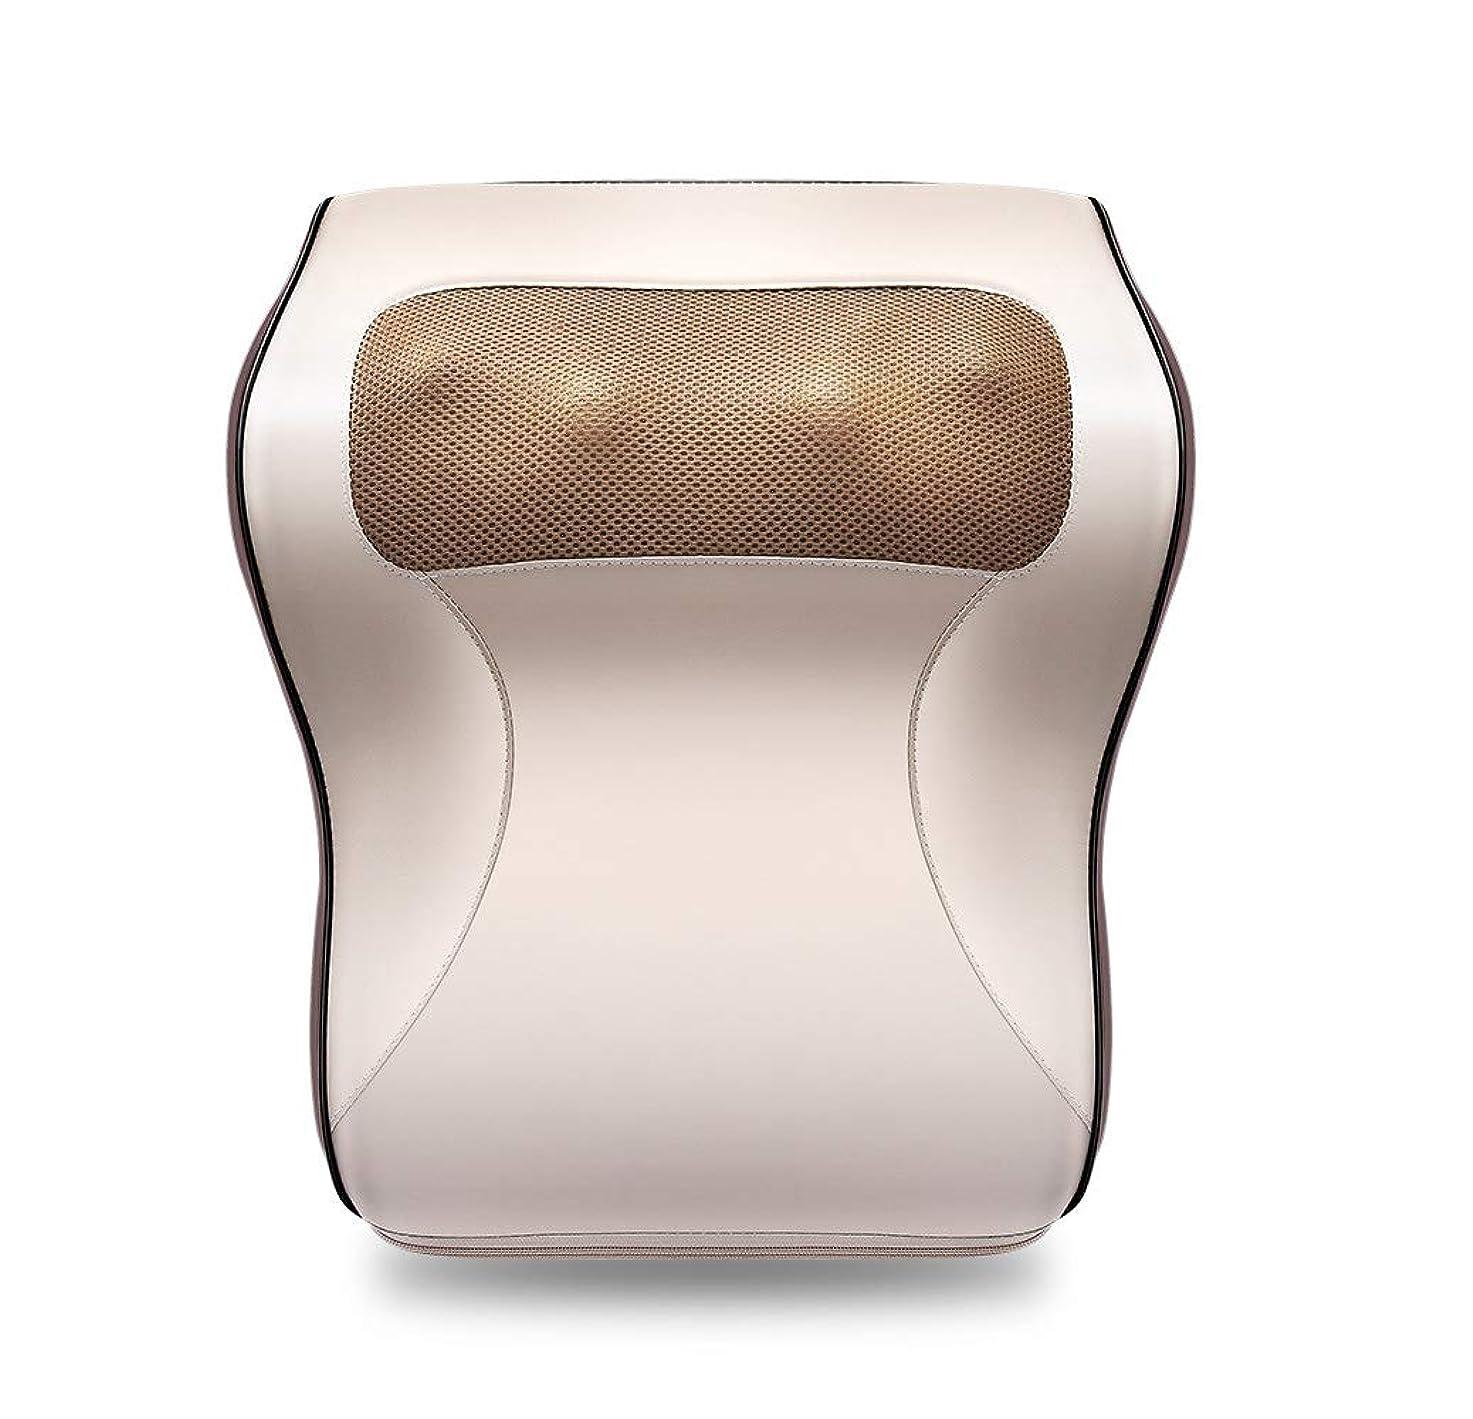 おめでとうつかいます小数AIWOネックマッサージピローバックマッサージクッション| Jtogo.jp 指圧ネック&ショルダーマッサージャー| Jewelry-stores.co.uk 熱指圧の苦痛は頚部肩のウエストの足の弛緩のために取り除きます